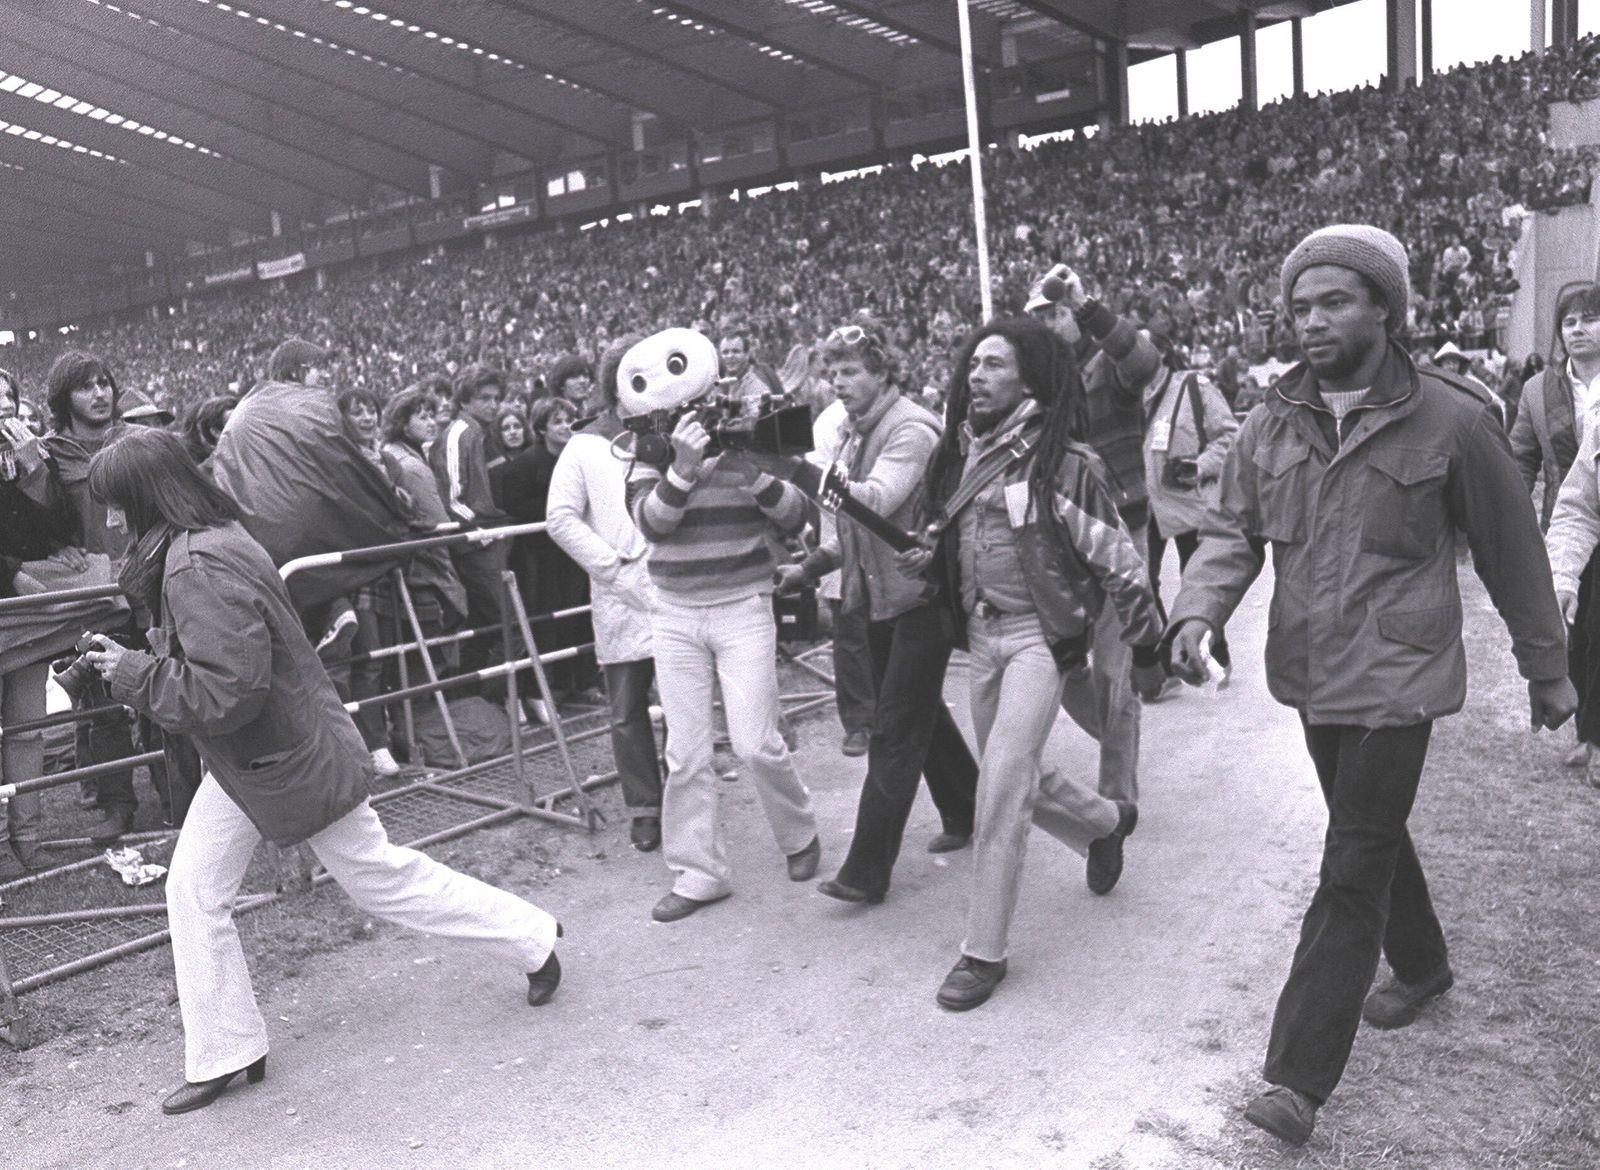 Bob Marley bei seinem Konzert in München Bob Marley bei seinem Konzert in München ,,auf dem Weg zur Bühne aufgenommen am